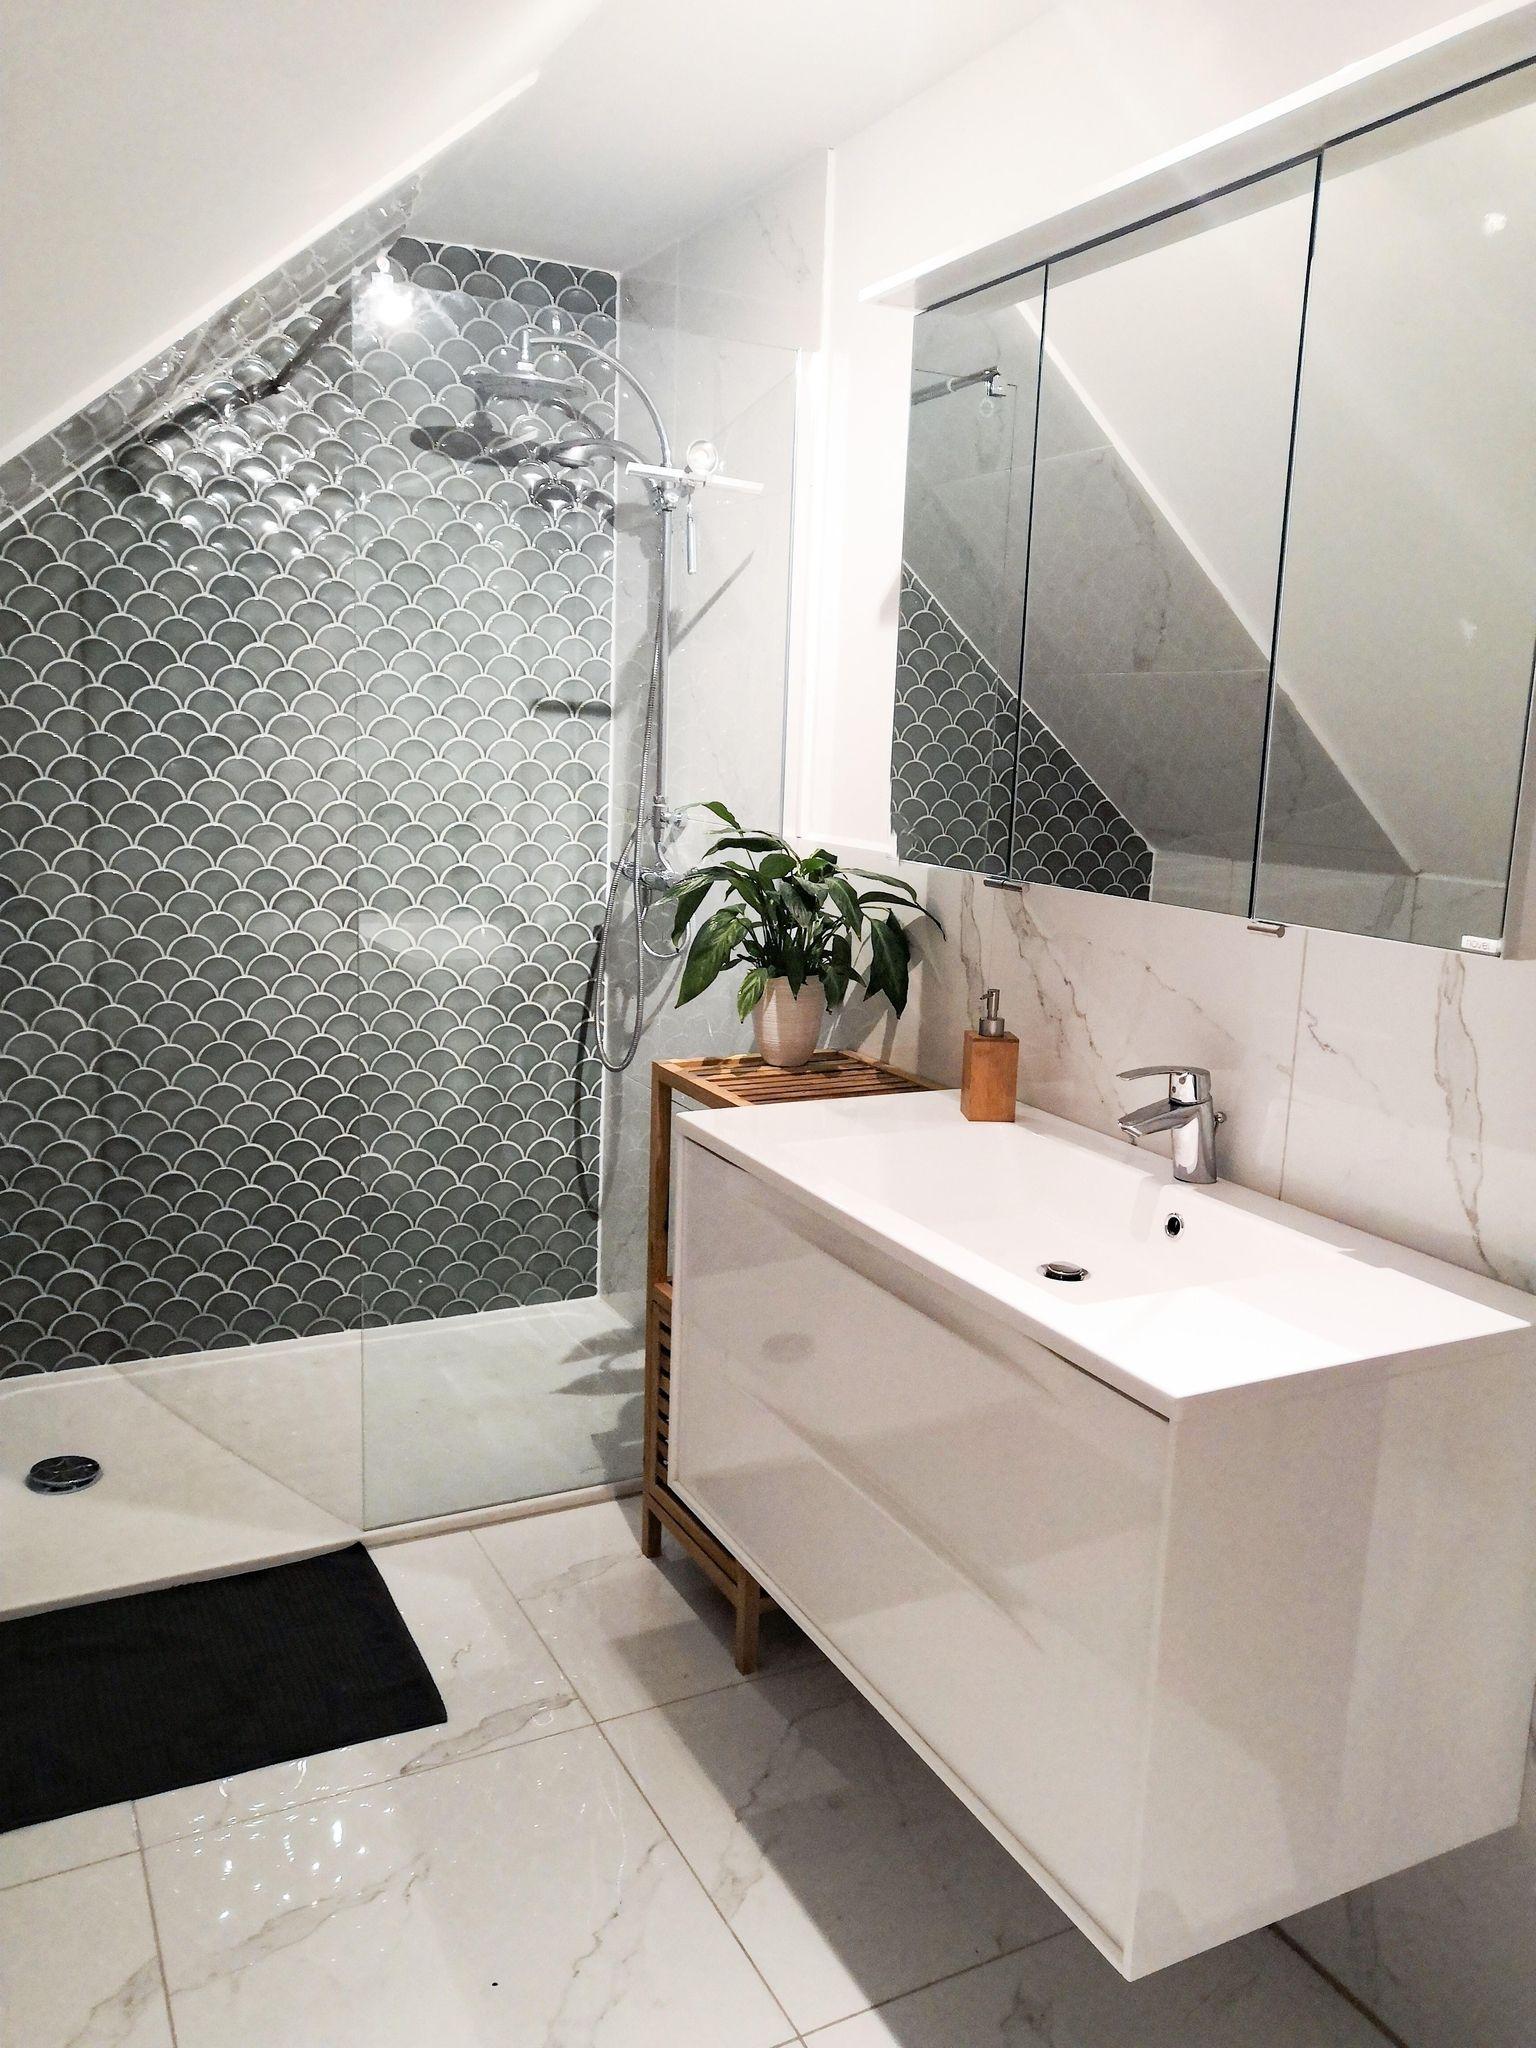 Dachschragen Platz Optimal Ausnutzen So Geht S In 2020 Badezimmer Dachschrage Dachschrage Einrichten Dachzimmer Einrichten